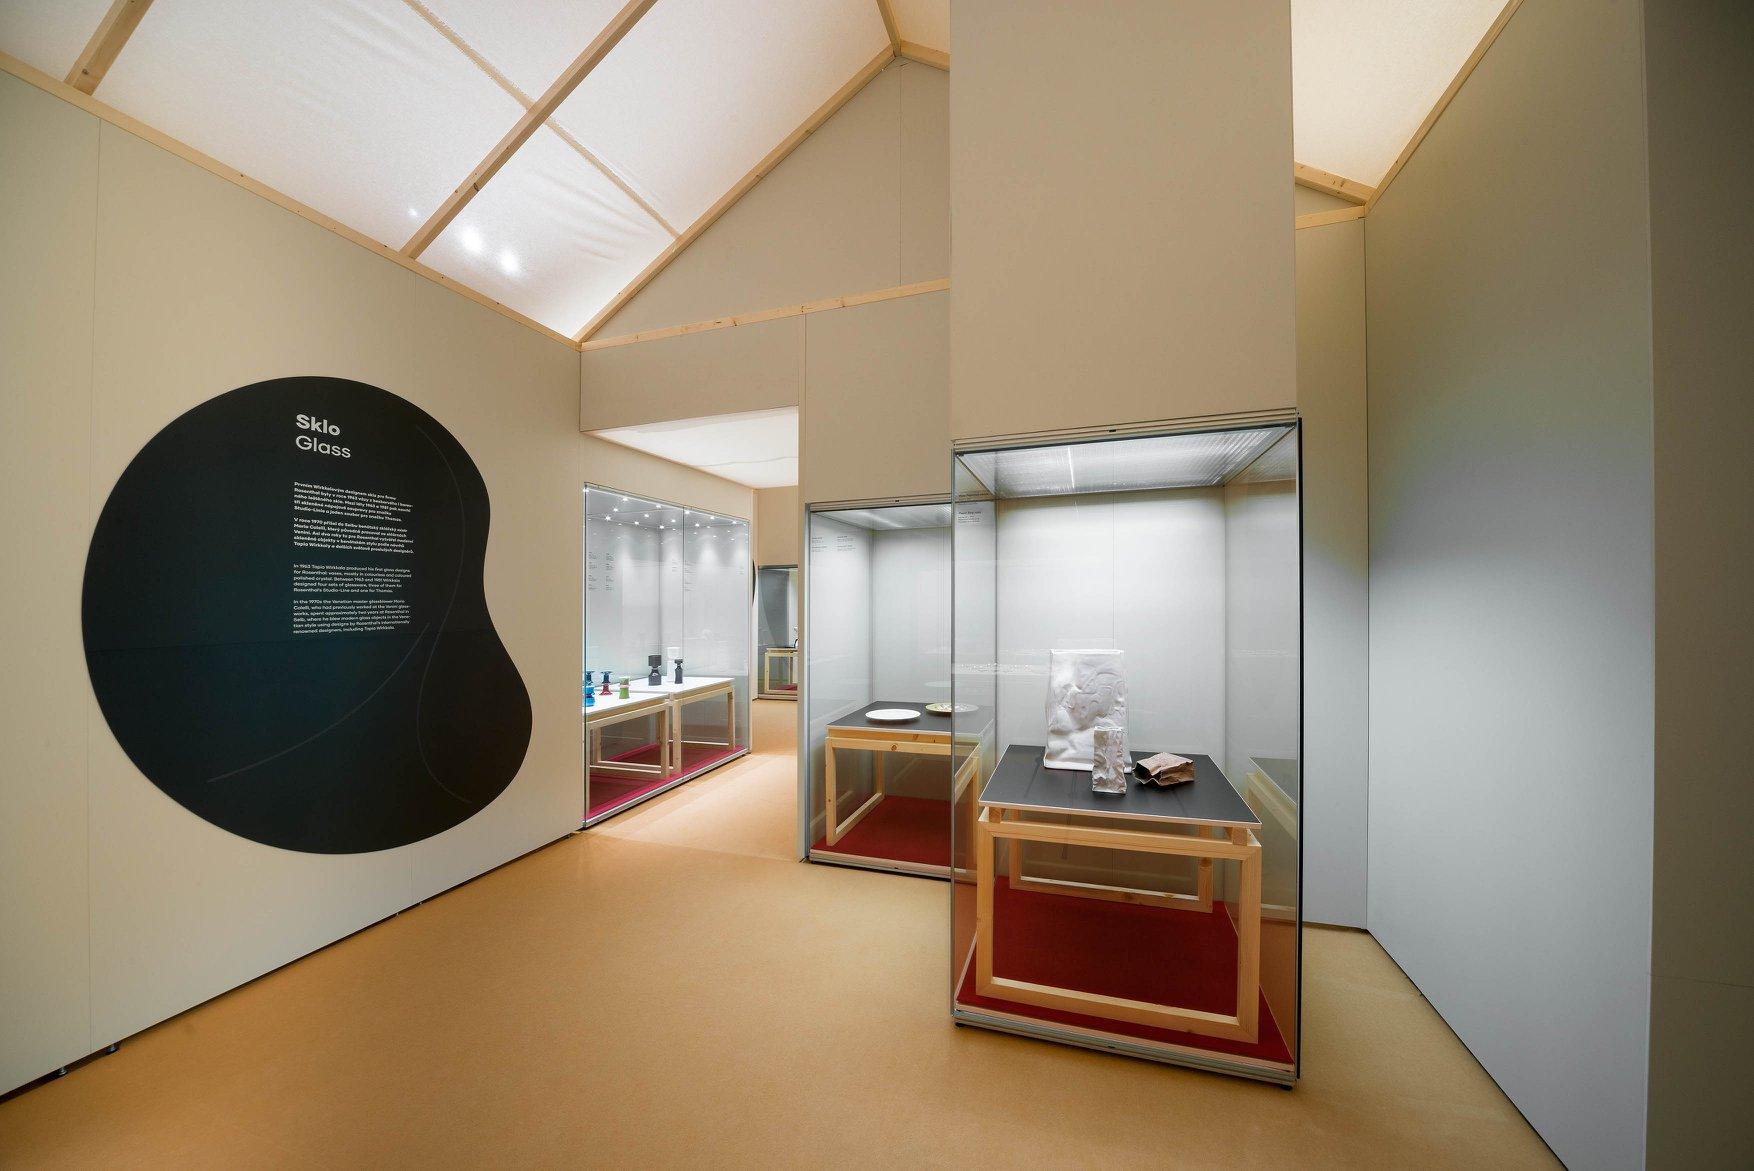 Finnisches Design – Ausstellungsaufbau mit Mila-wall Wandmodulen und Vitrinen im Kunstgewerbemuseum Prag